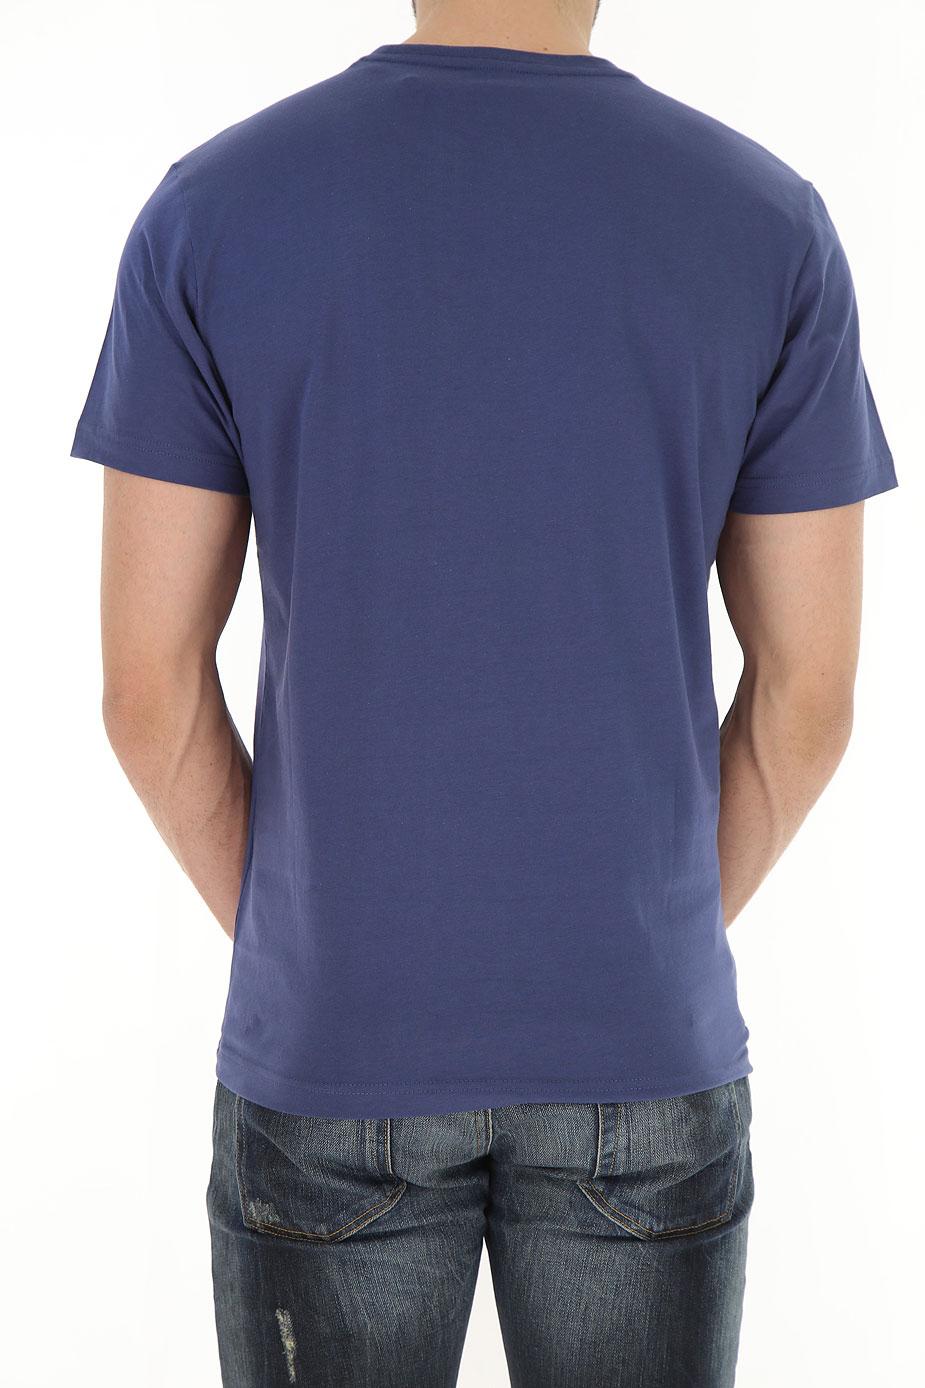 Abbigliamento Uomo Colmar, Codice Articolo: 7595-3si-283